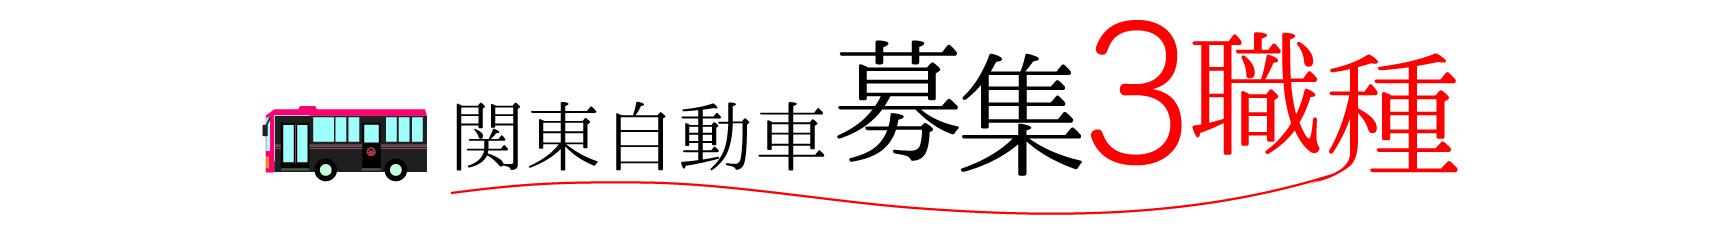 kanto_3job.jpg